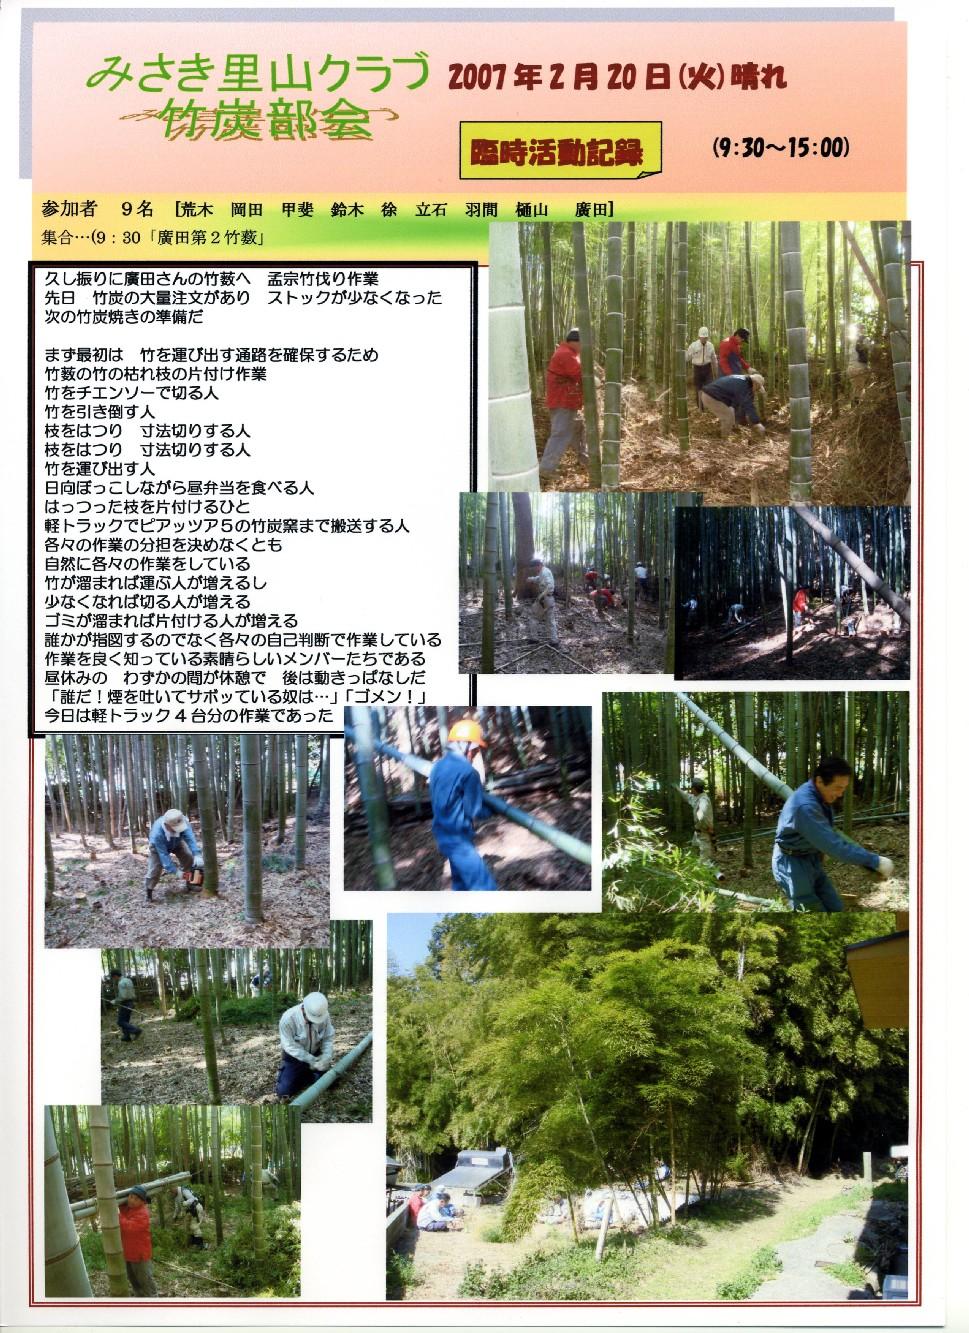 竹炭部会定例活動日:竹伐り_c0108460_22582421.jpg